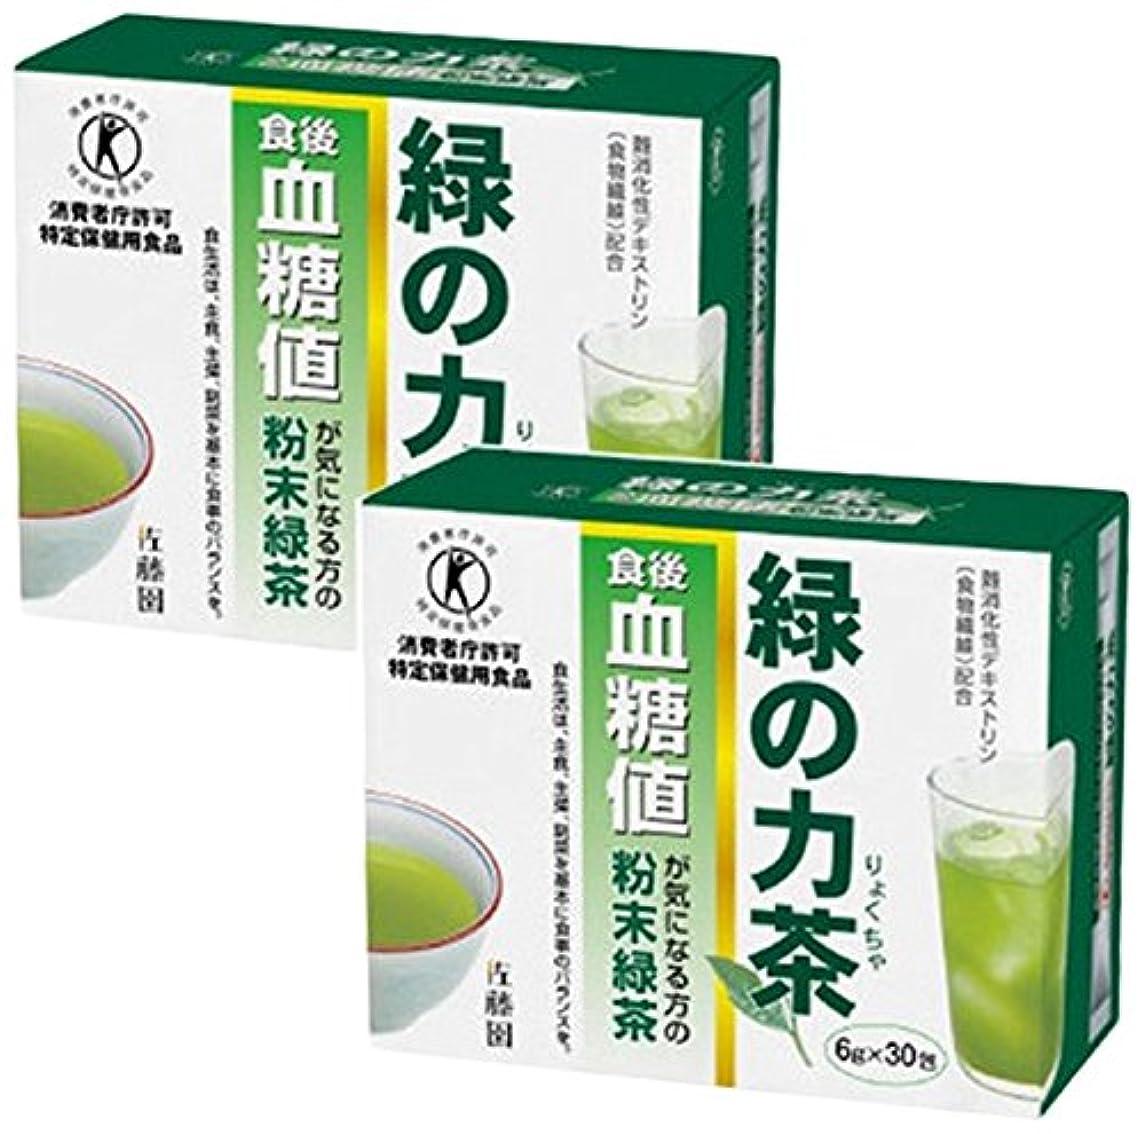 バクテリア銛制裁佐藤園のトクホのお茶 緑の力茶(血糖値) 30包 [特定保健用食品]